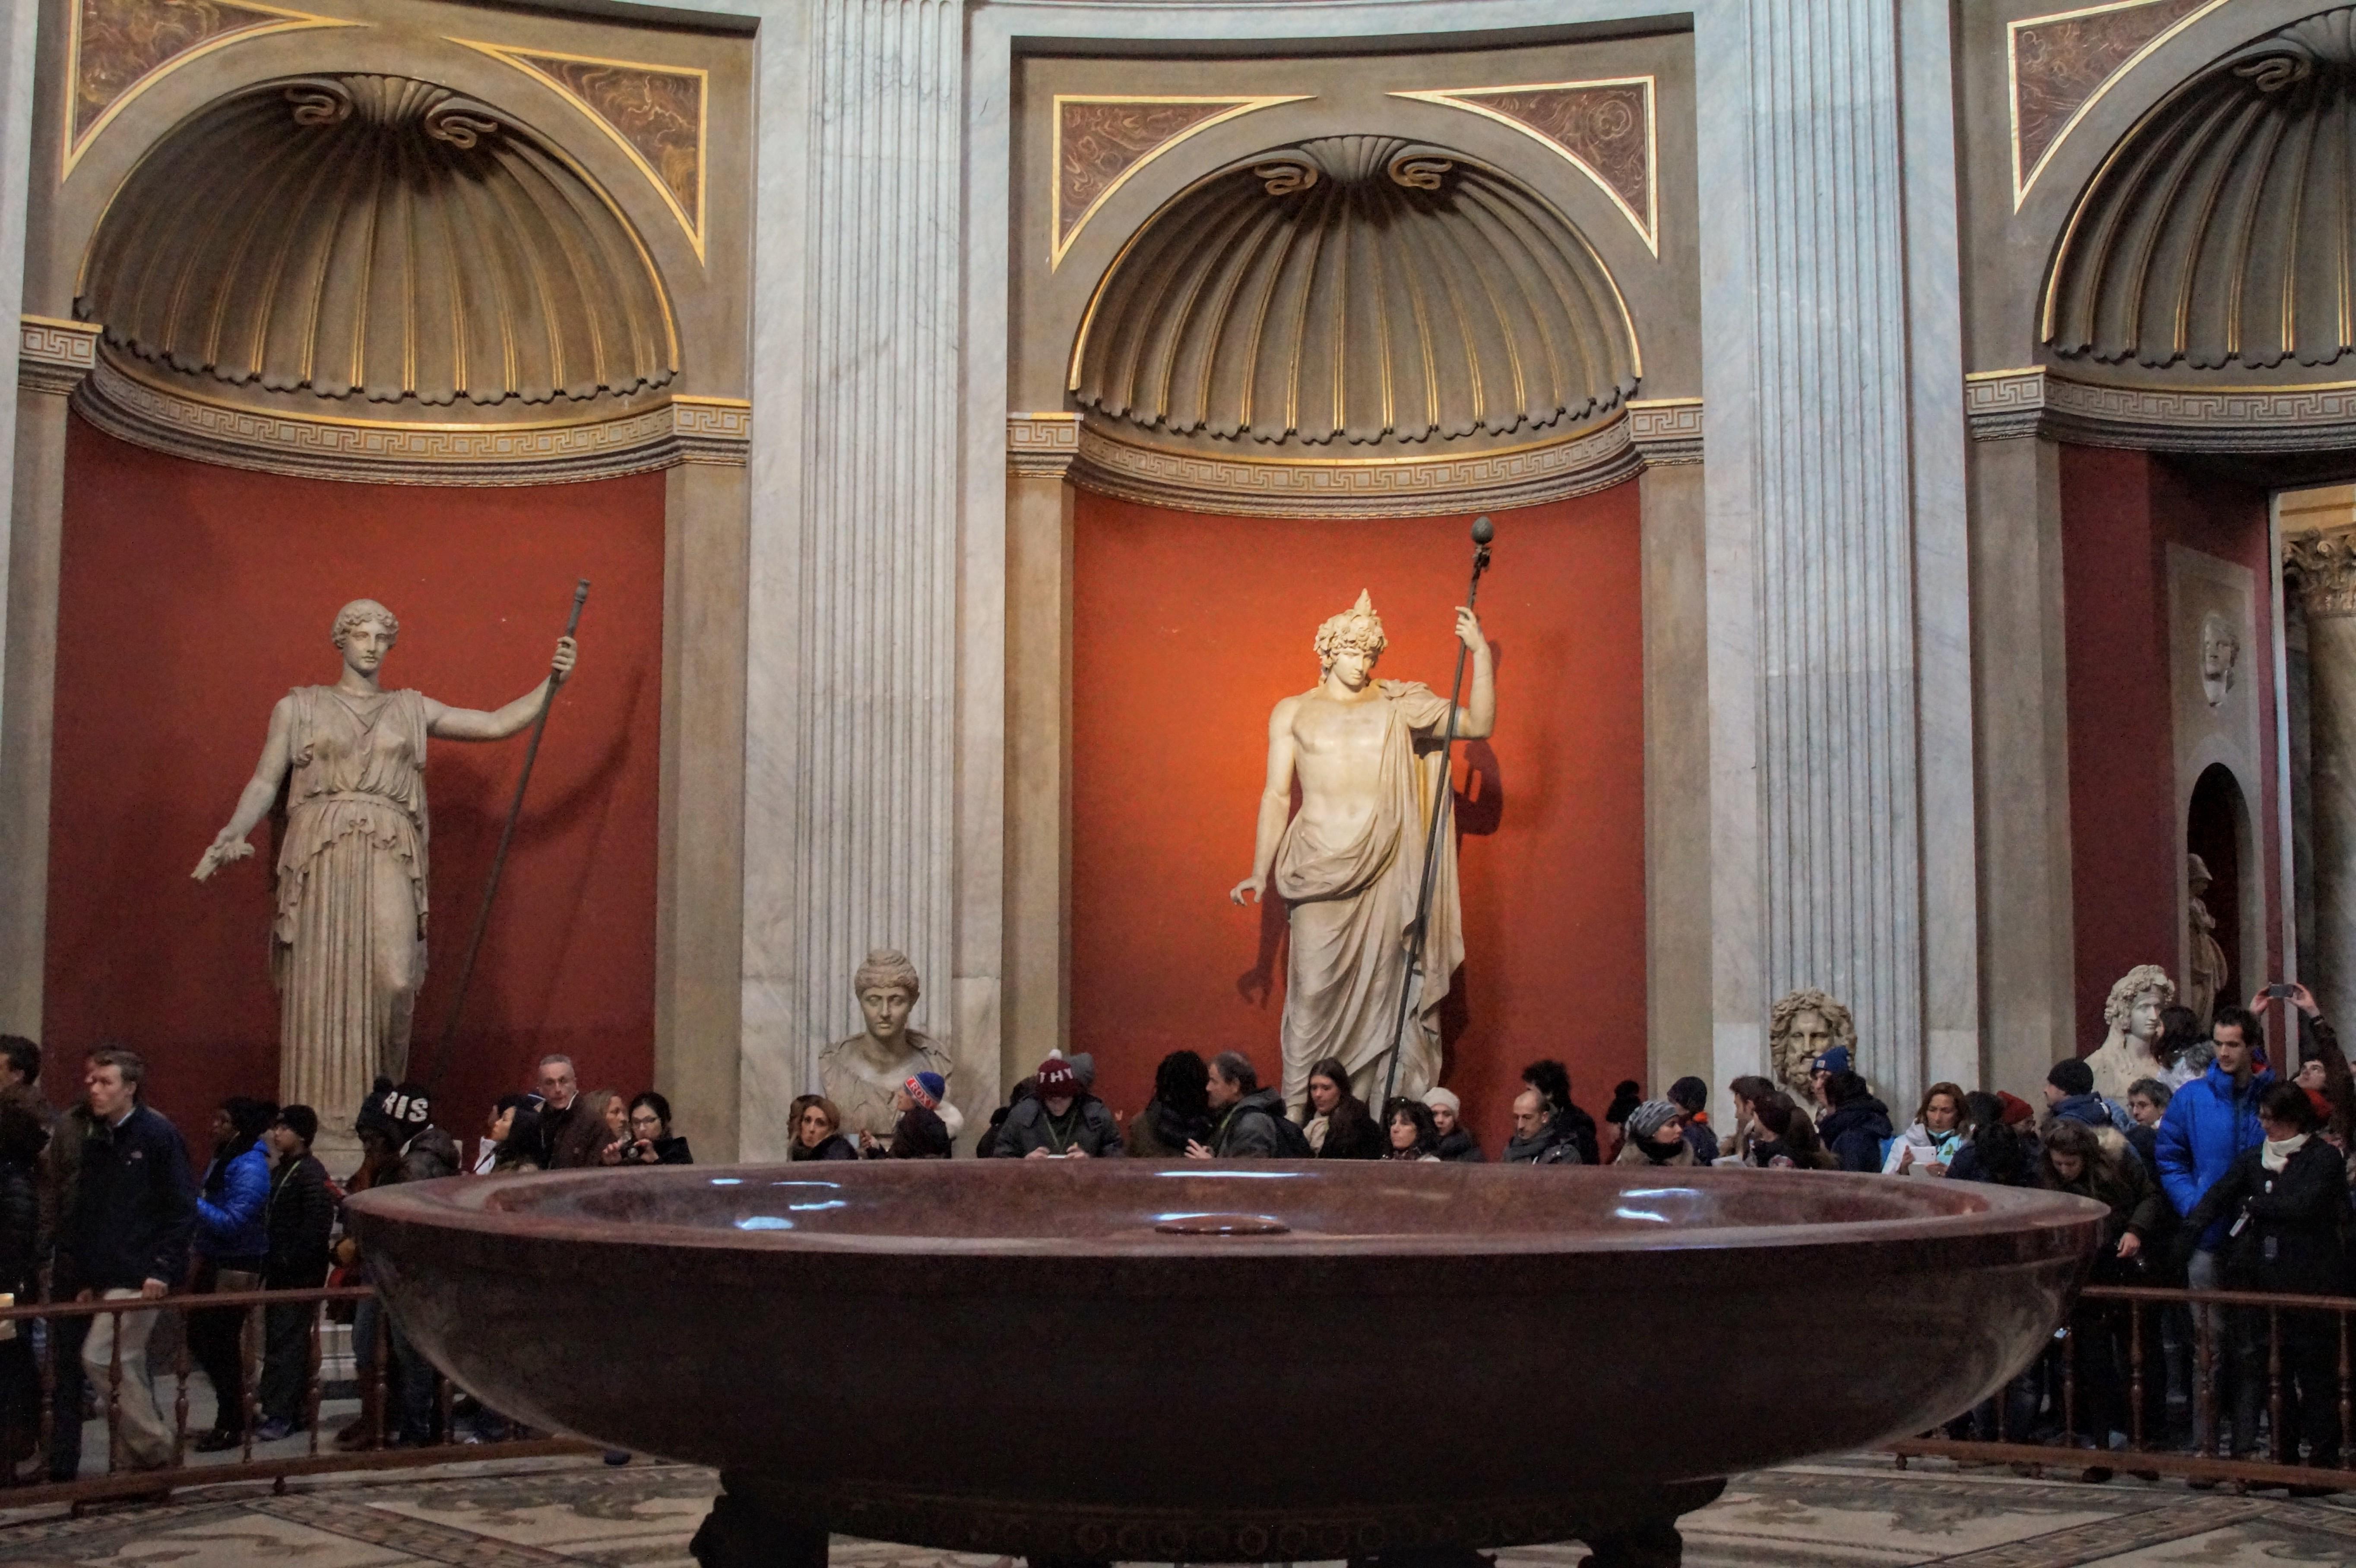 Η Sala Rotonda στα Μουσεία του Βατικανού (Φωτογραφία Νίκος Πράσσος)